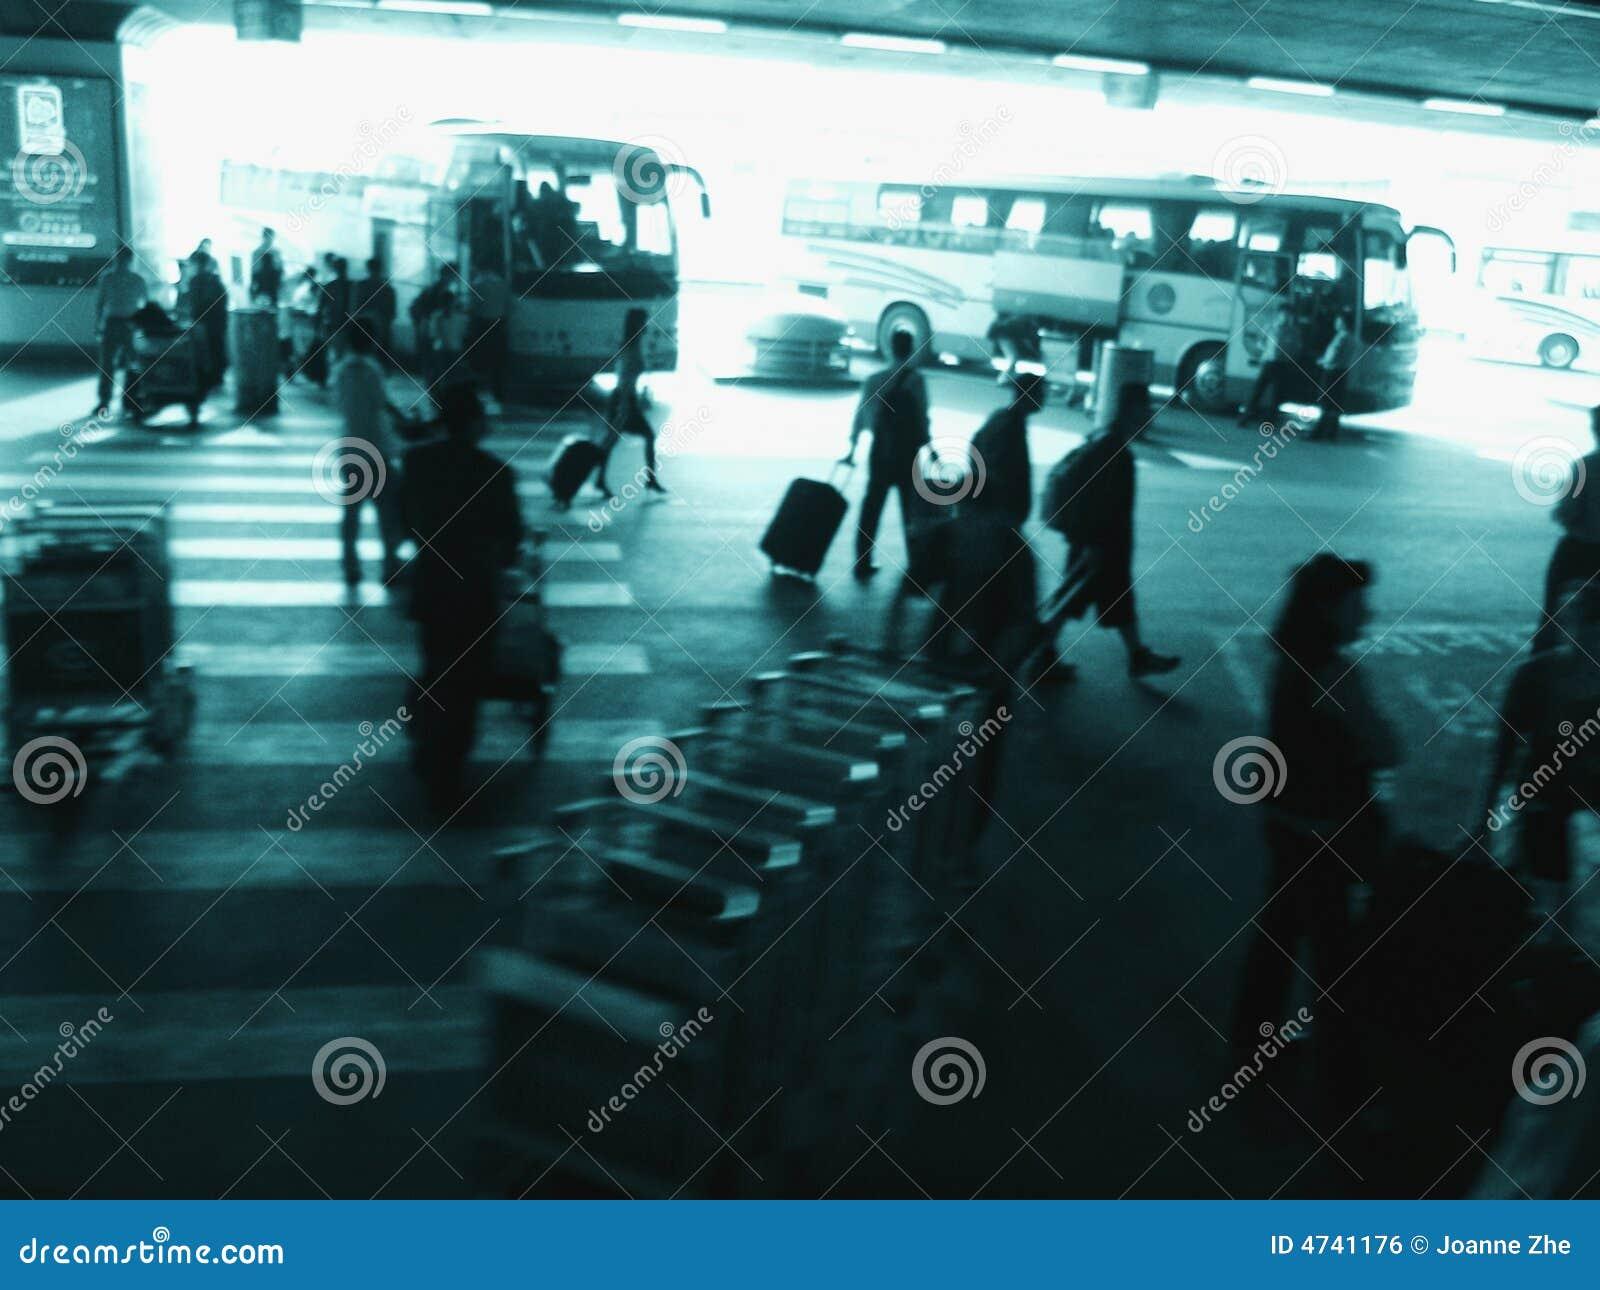 Aeroporto ocupado exterior de Beijing